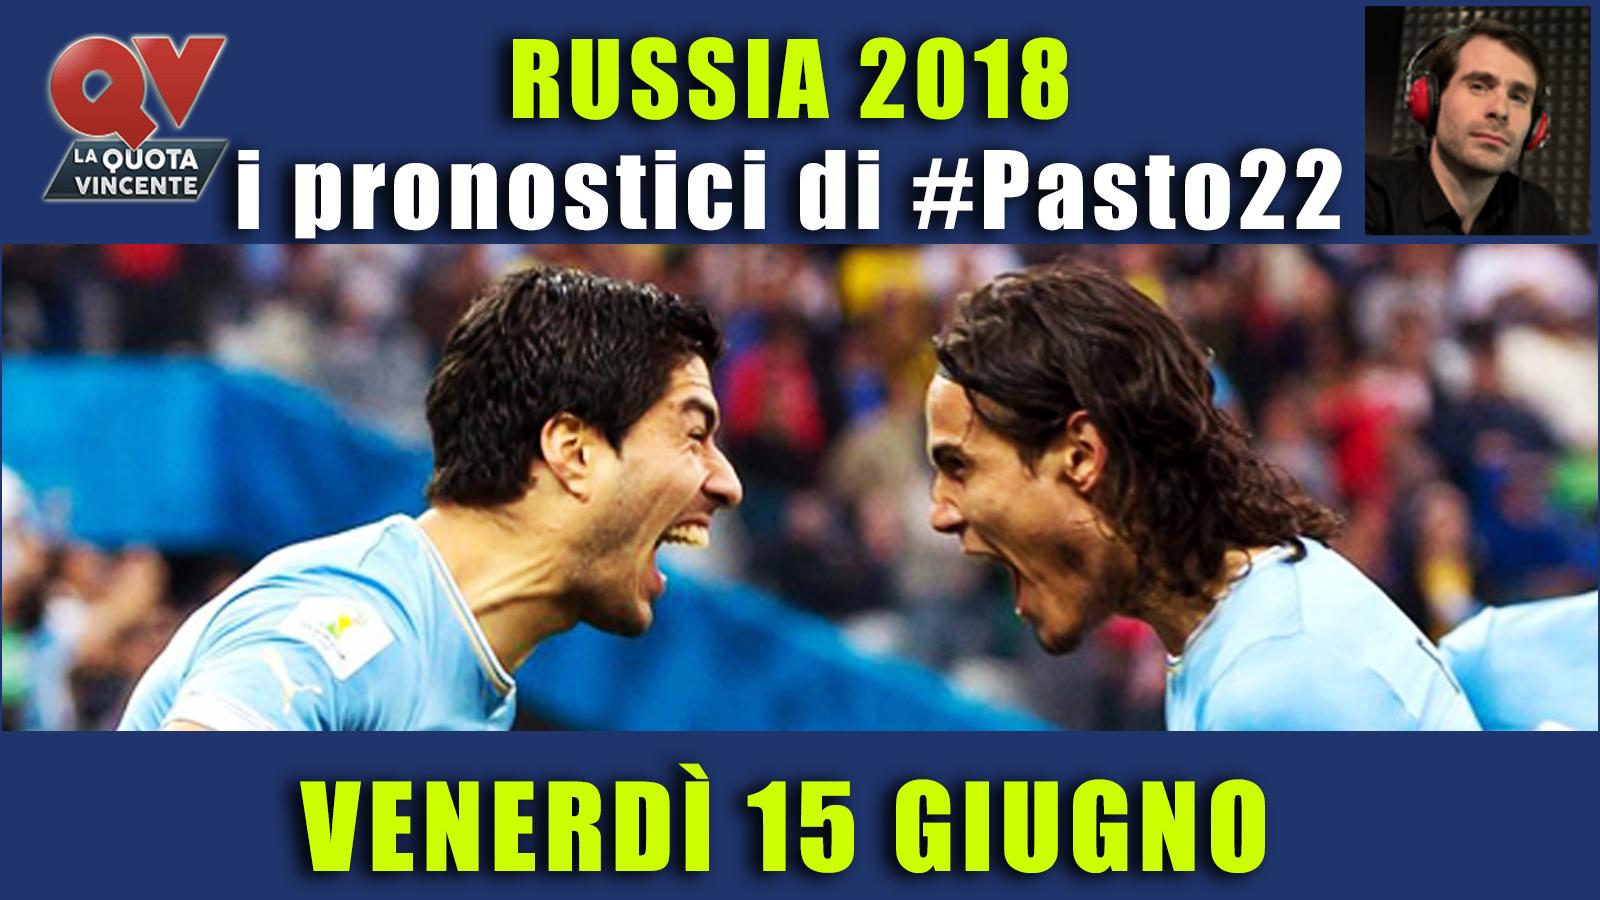 Pronostici Mondiali 15 giugno: le dritte di #Pasto22